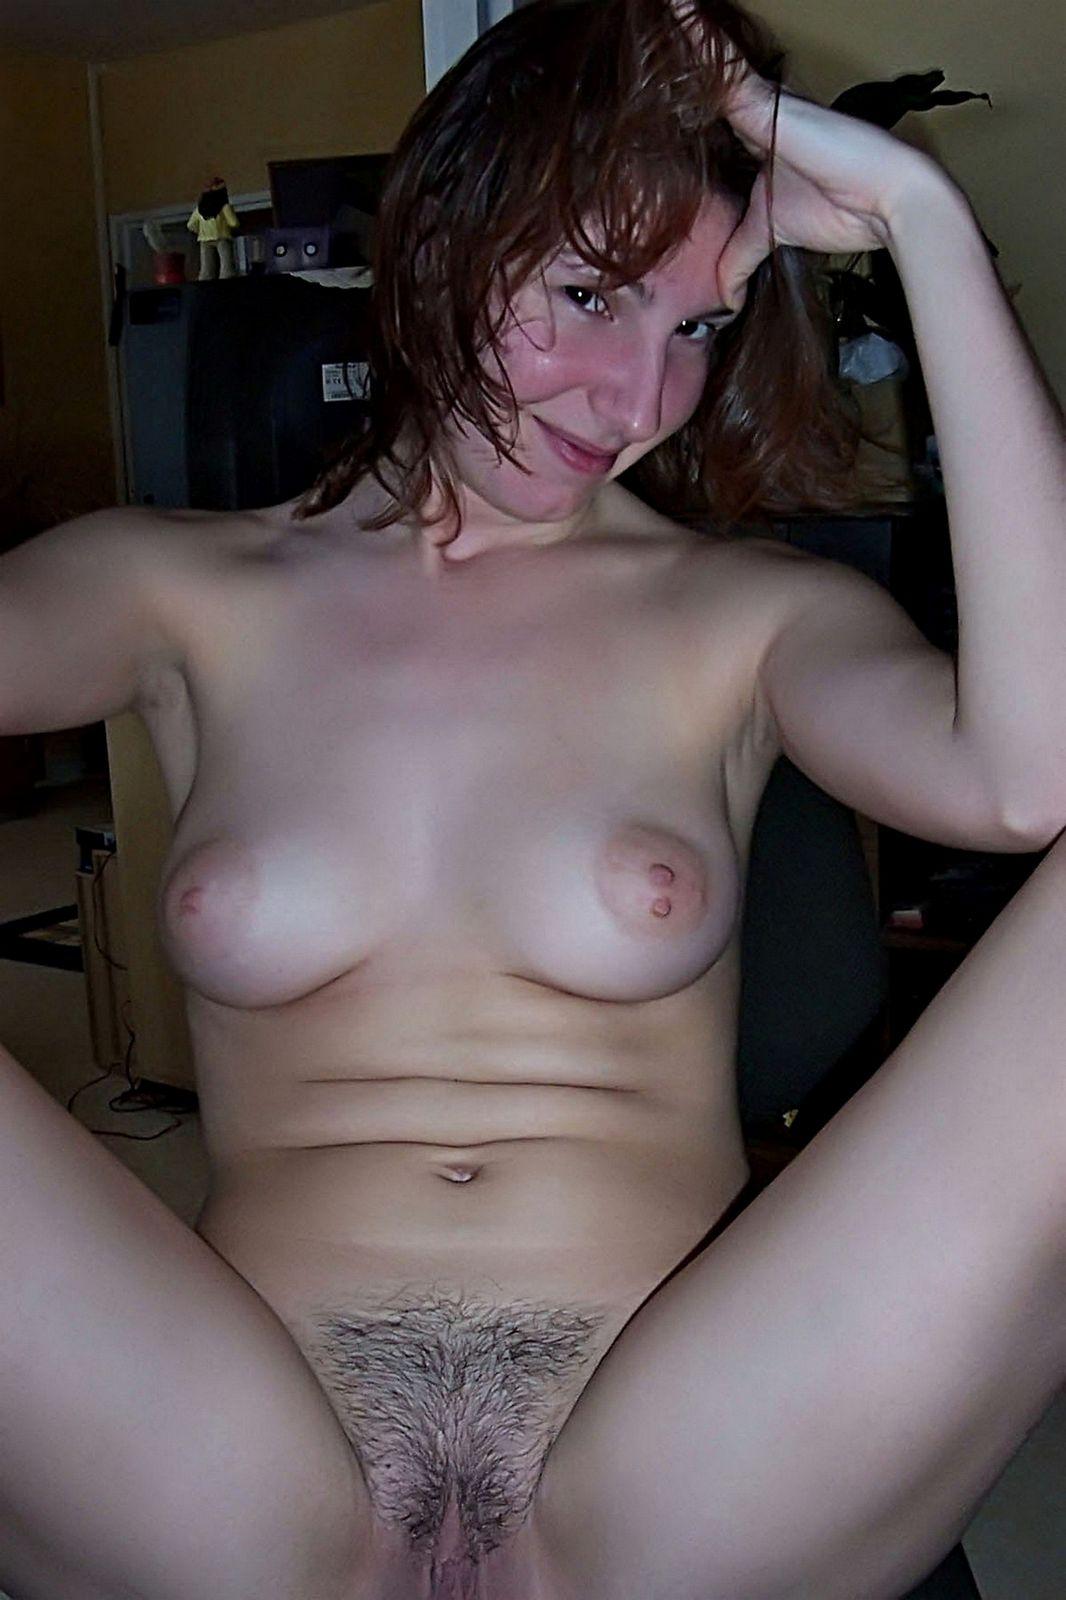 Кавалер поделился снимками своей обнаженной хозяйки